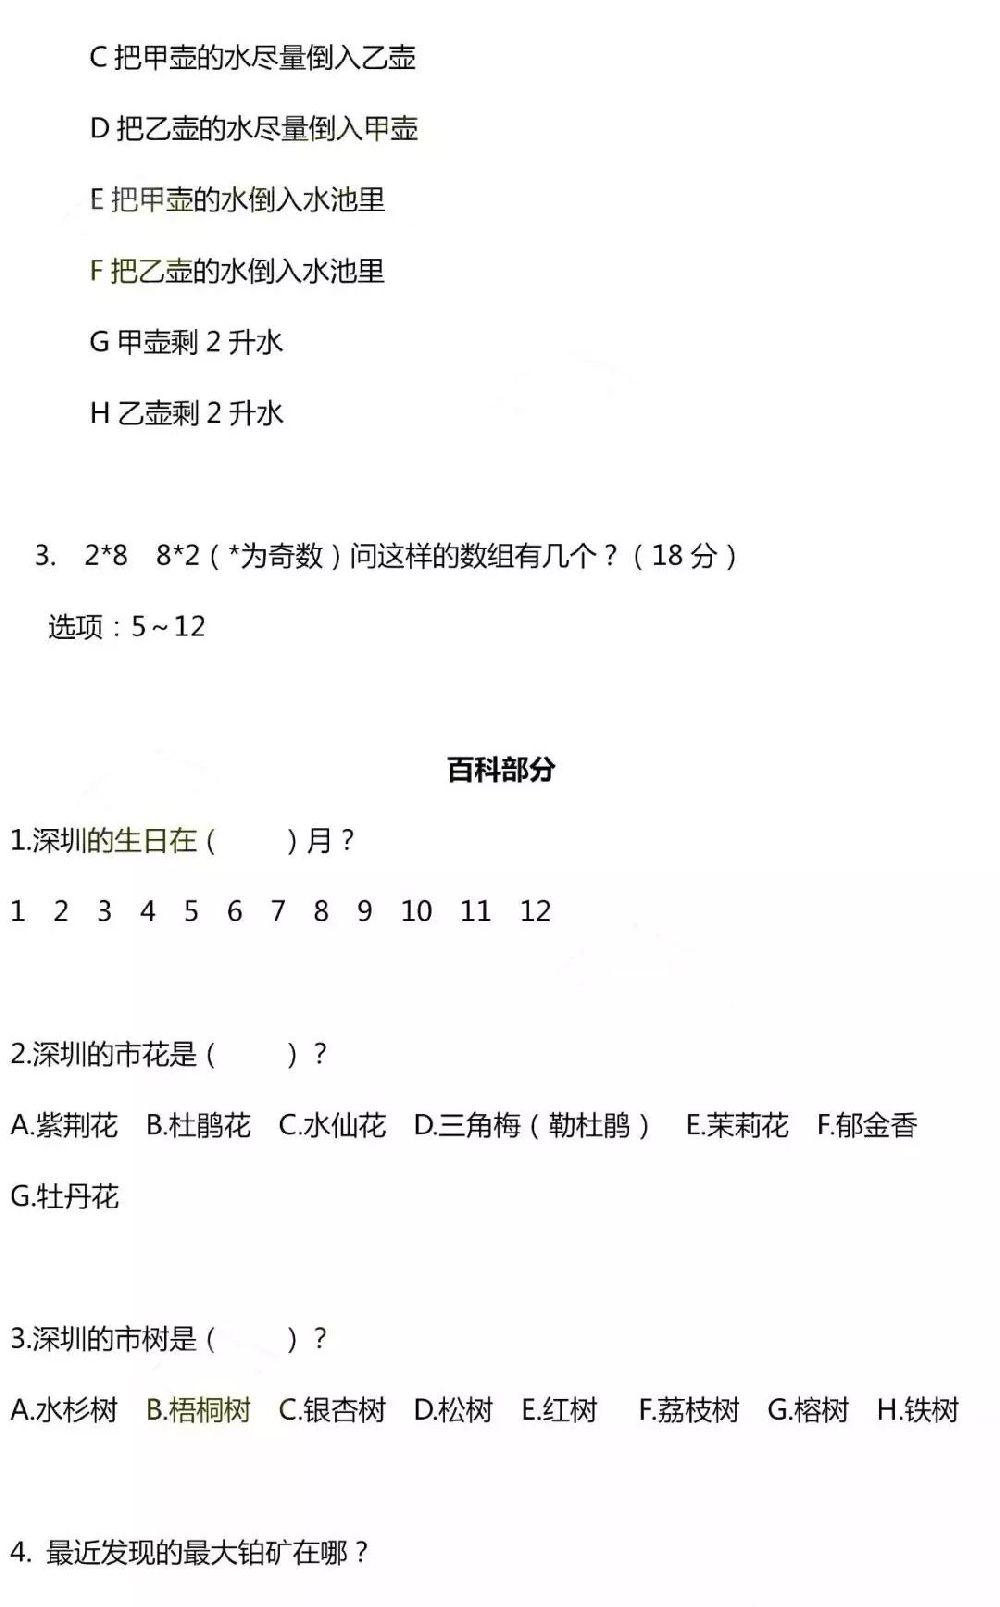 2019年深圳外国语学校小升初真题一览